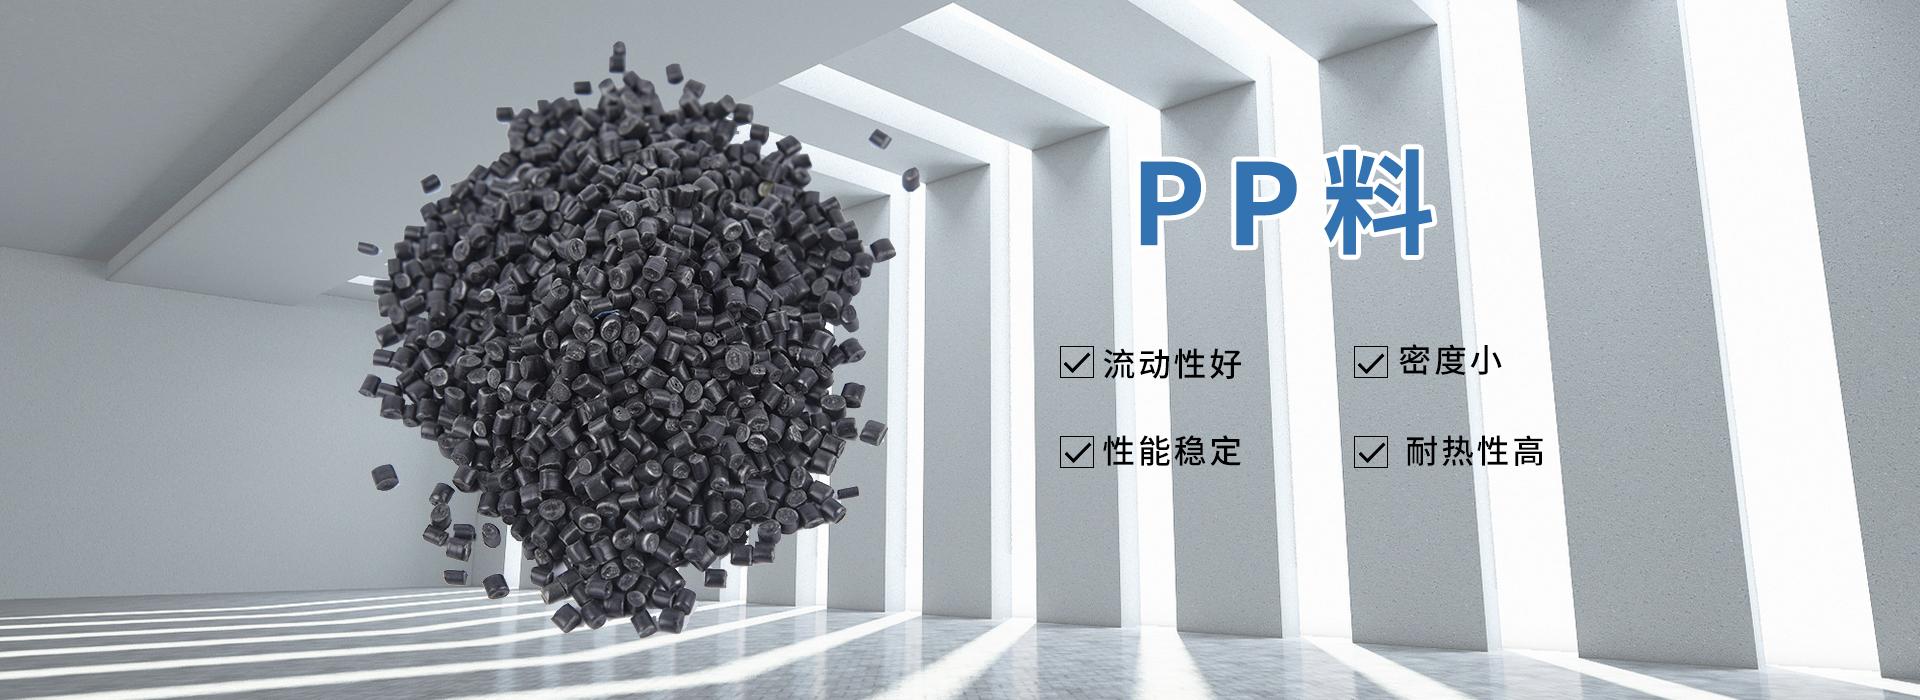 丹阳市吕城镇赵阳塑料件厂